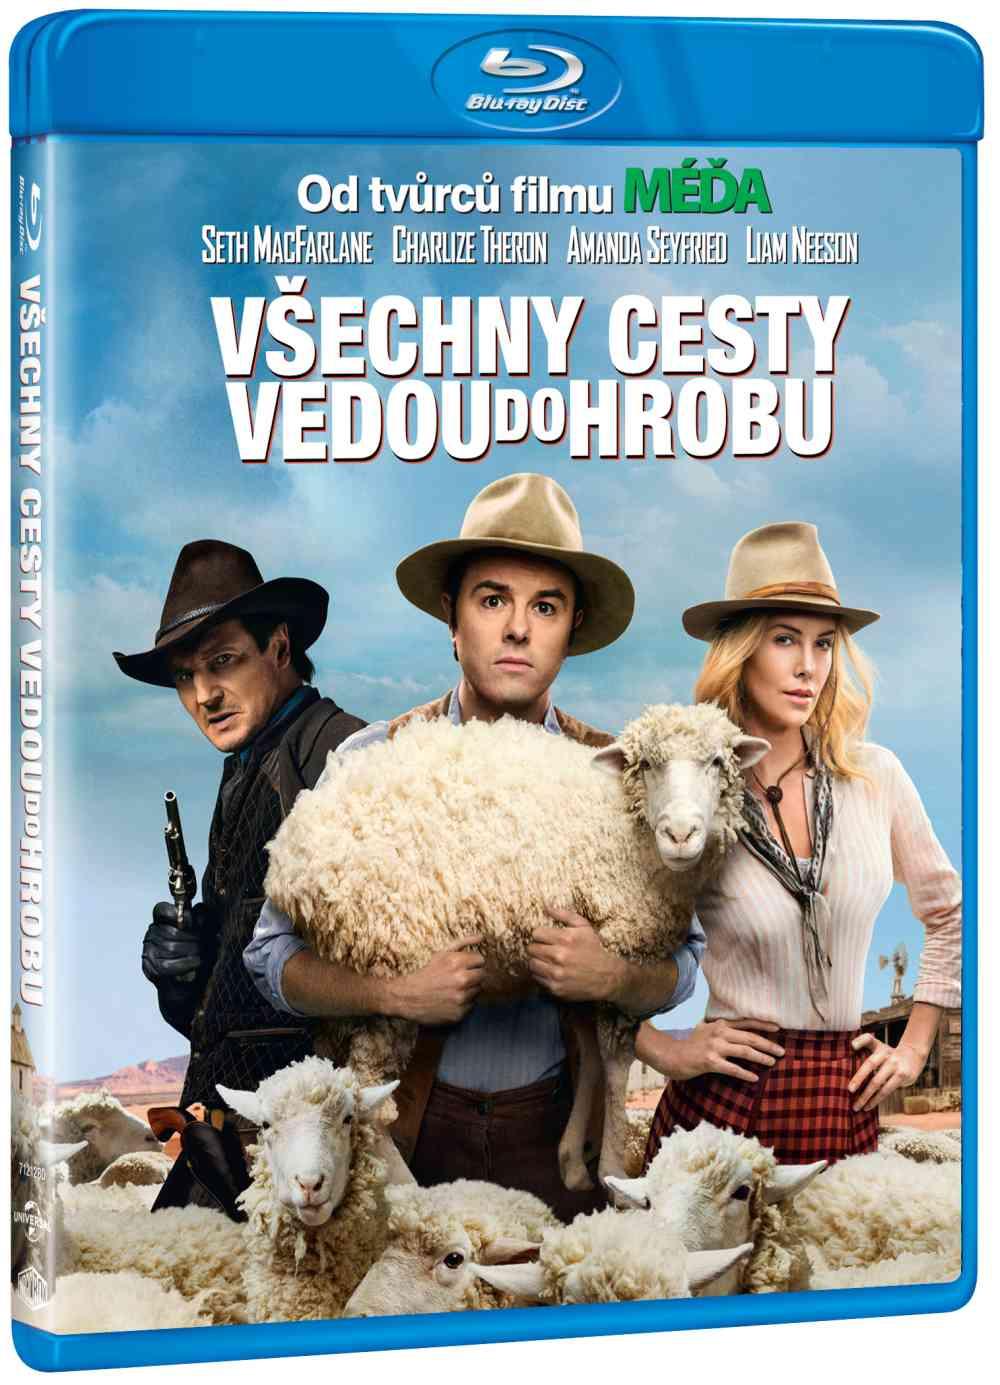 VŠECHNY CESTY VEDOU DO HROBU - Blu-ray